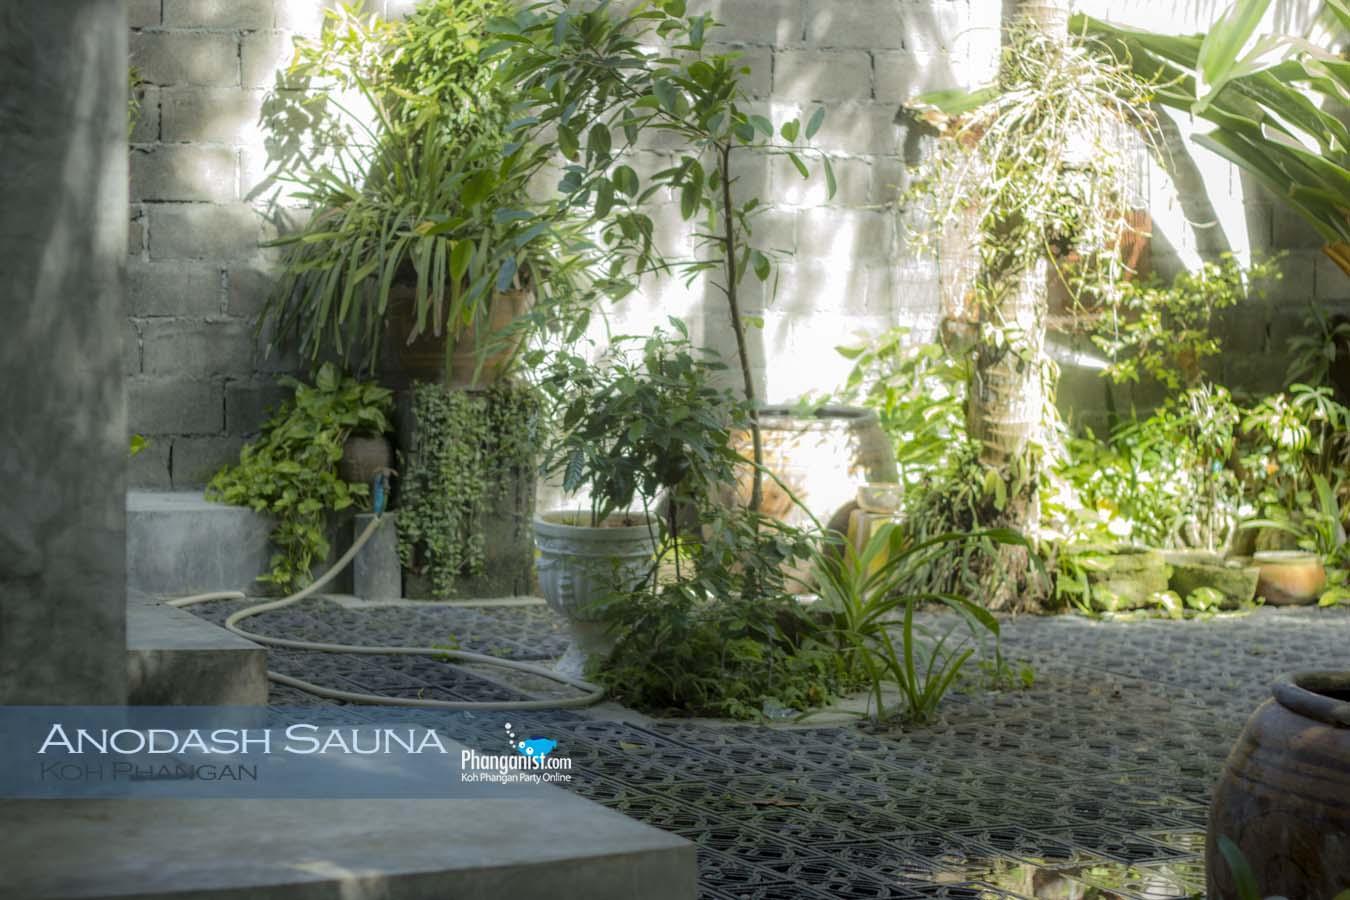 Anodash Sauna | Koh Phangan Online Magazine